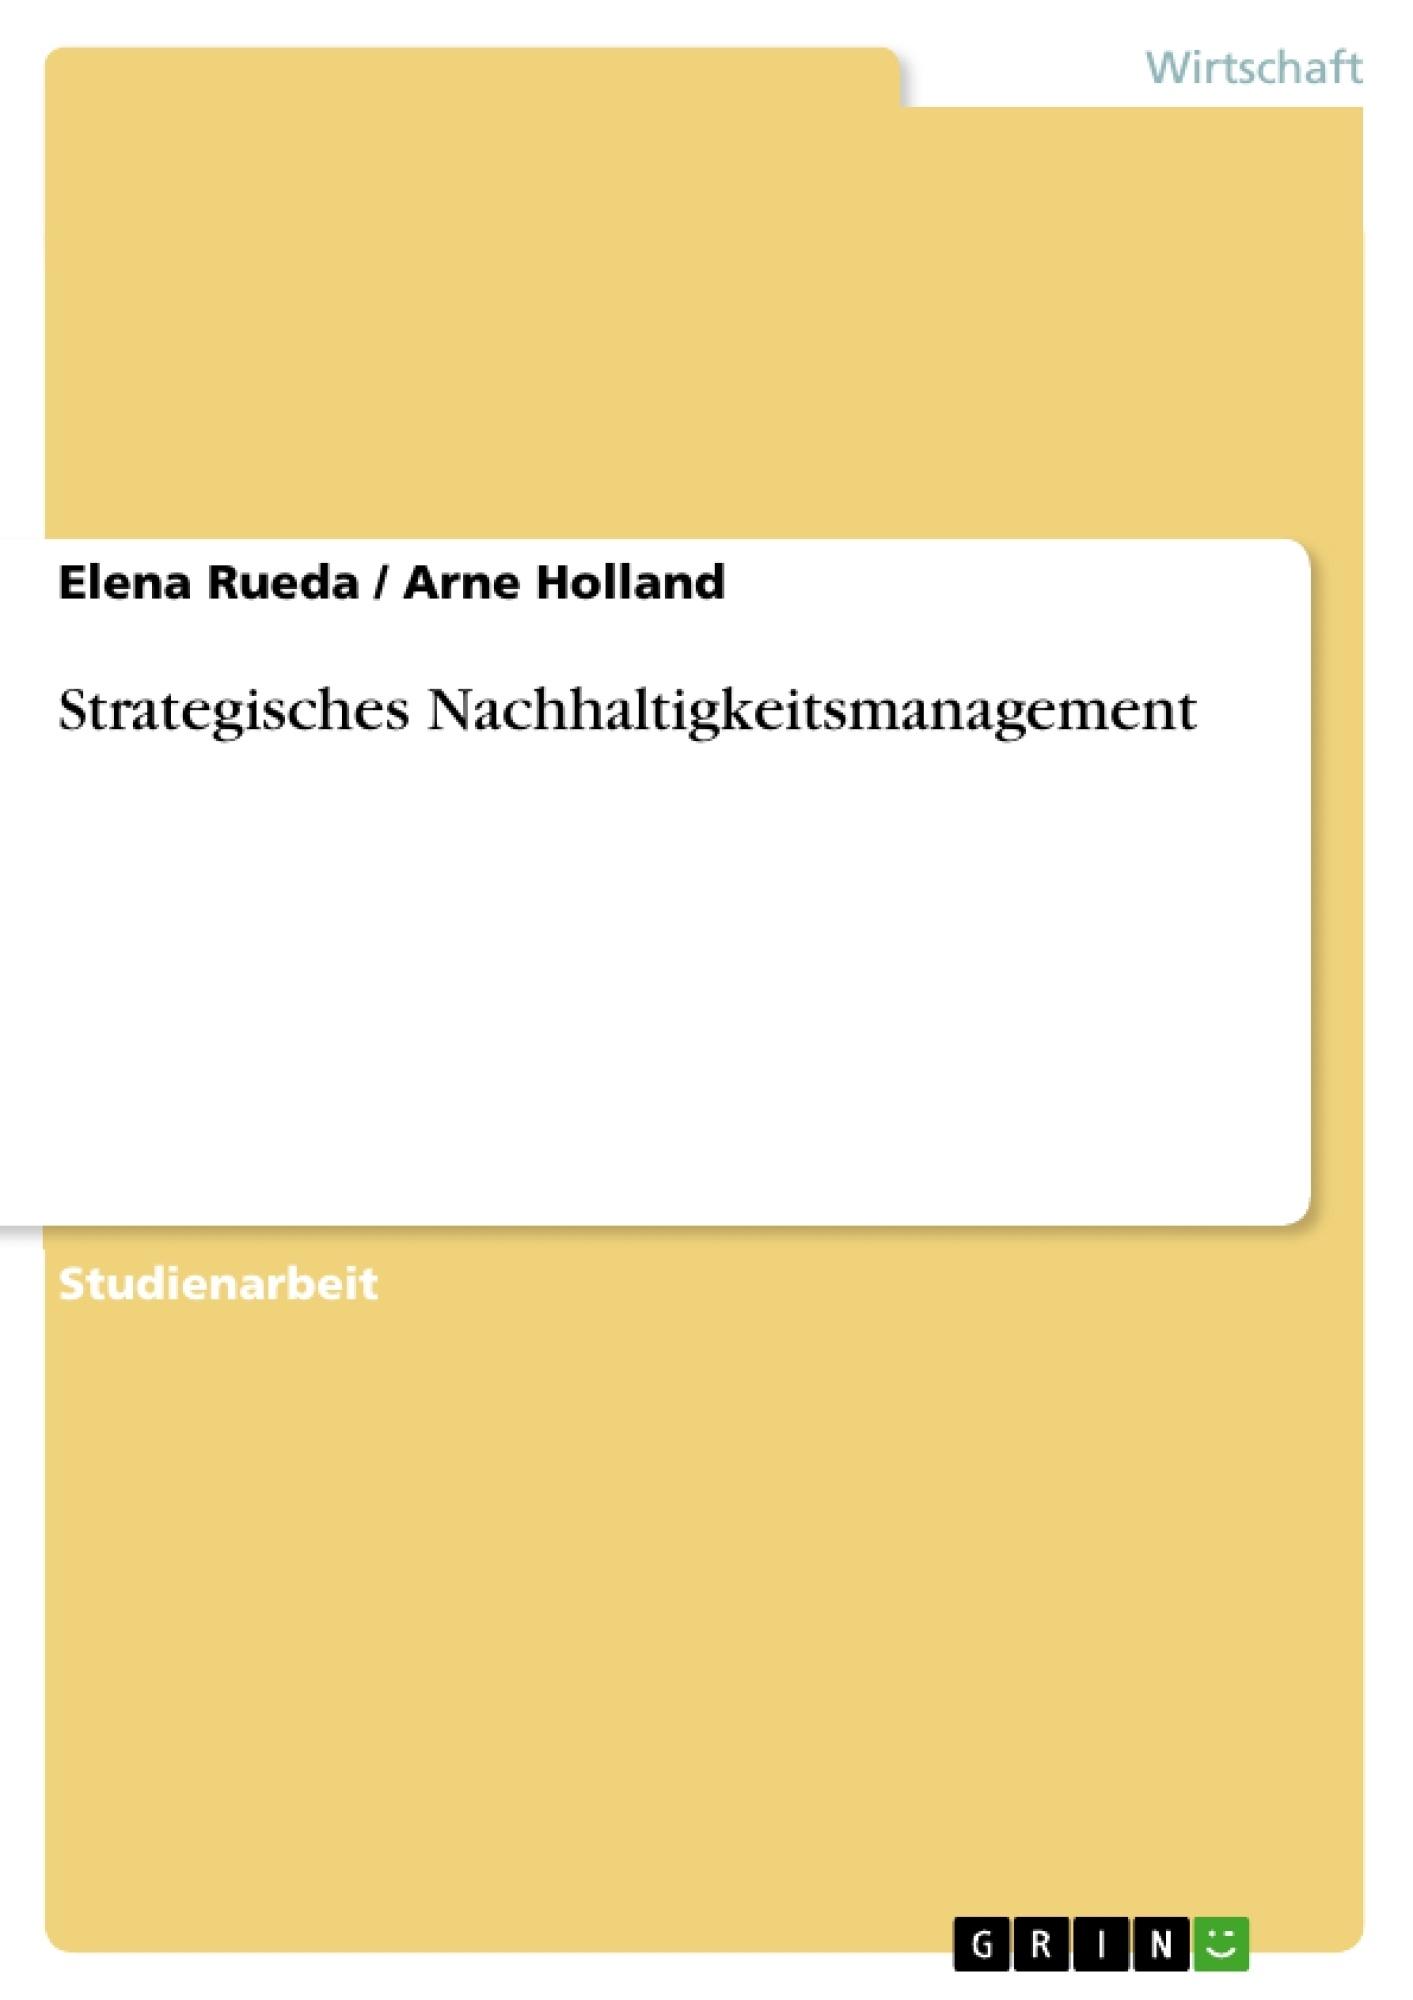 Titel: Strategisches Nachhaltigkeitsmanagement